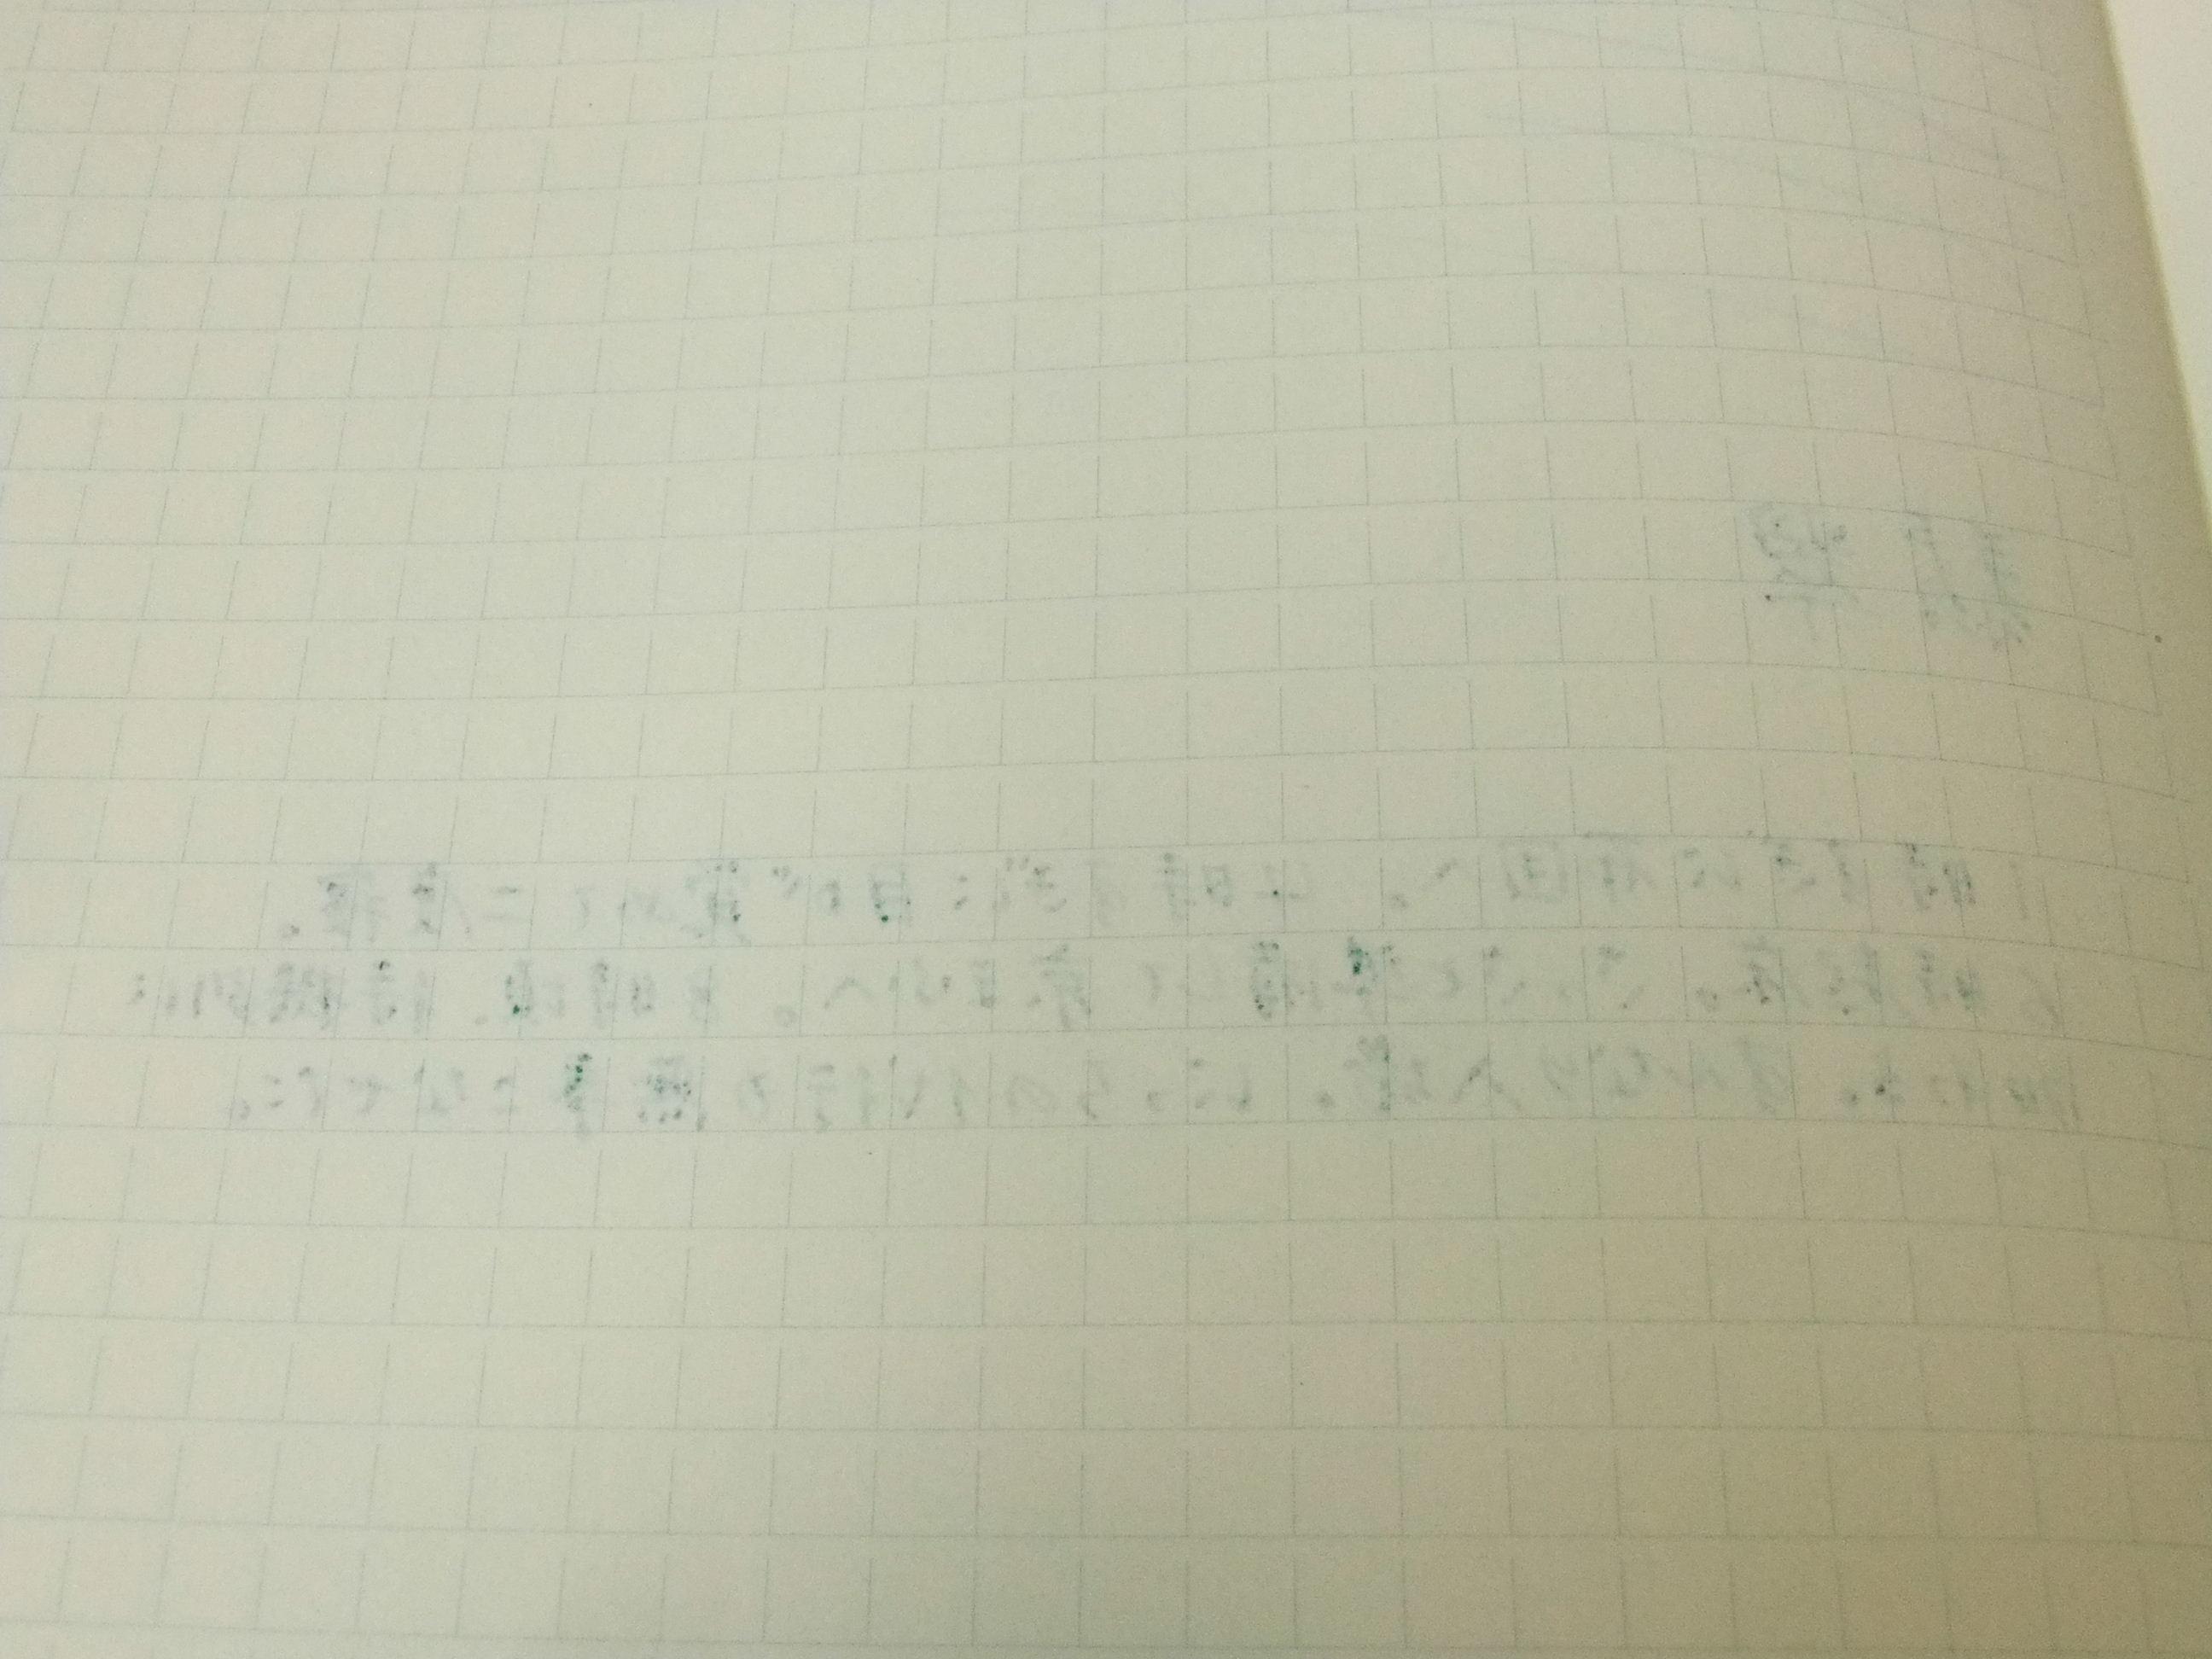 黒子のバスケ×セーラー万年筆~緑間真太郎モデル~(その2)_f0220714_2251617.jpg